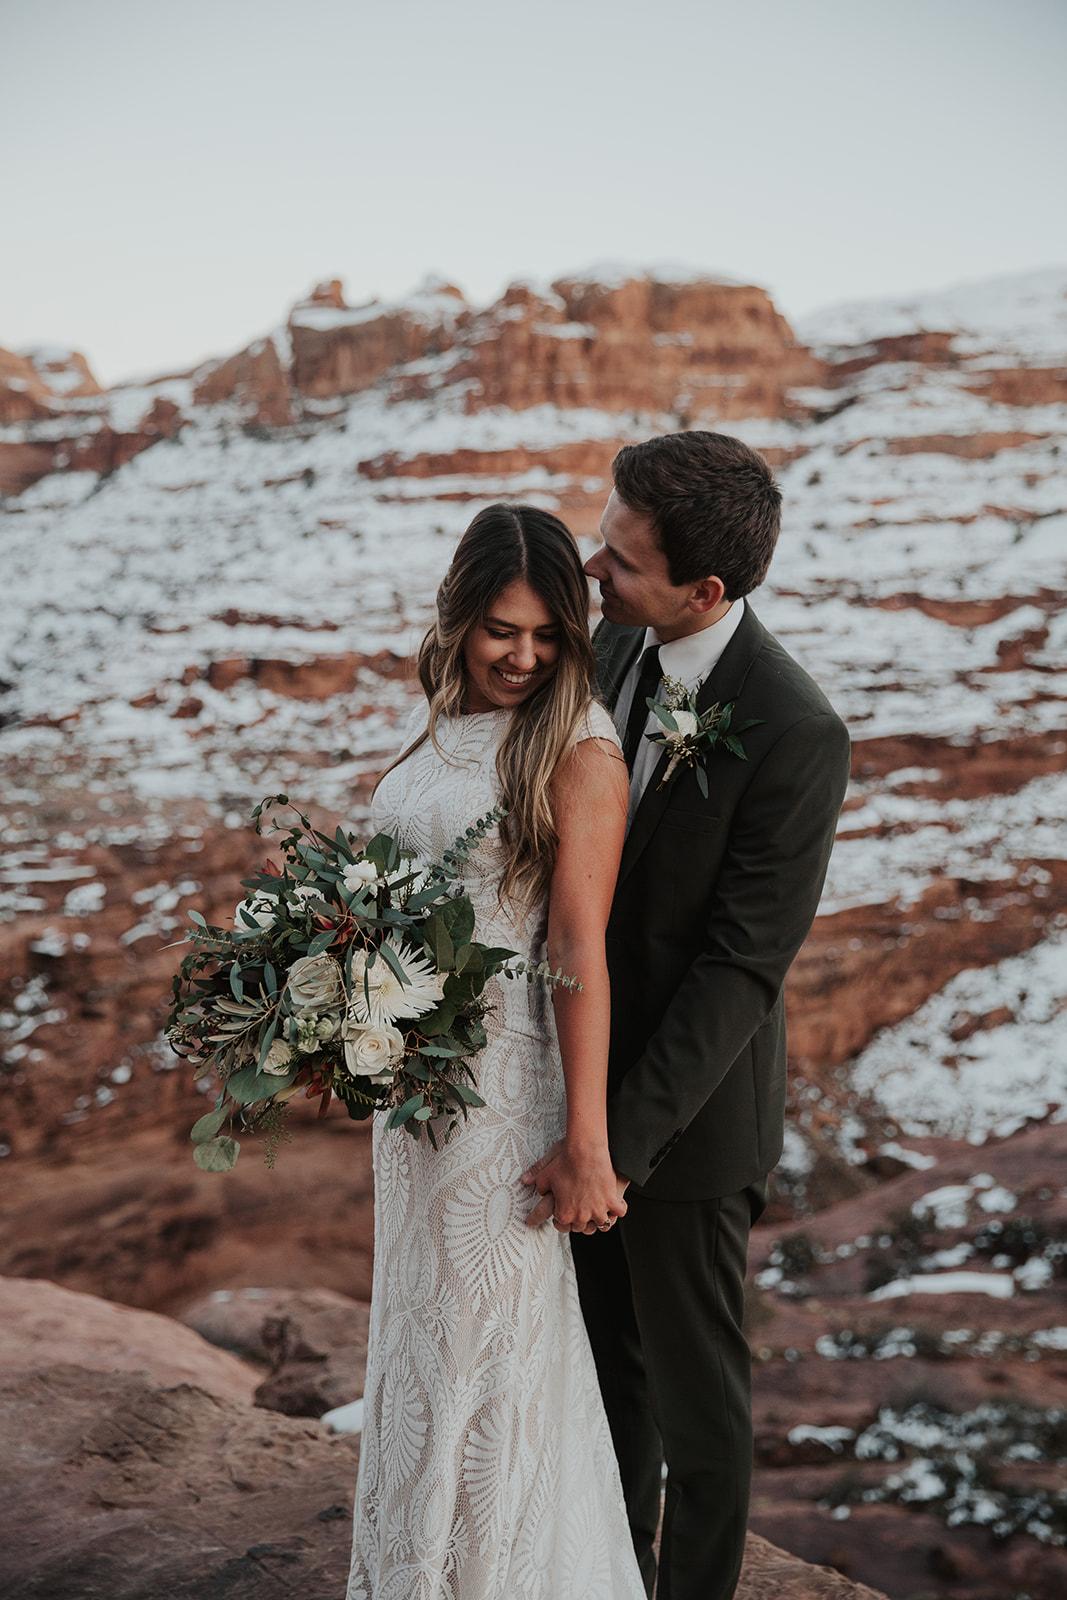 jamie+weston bridals-241.jpg